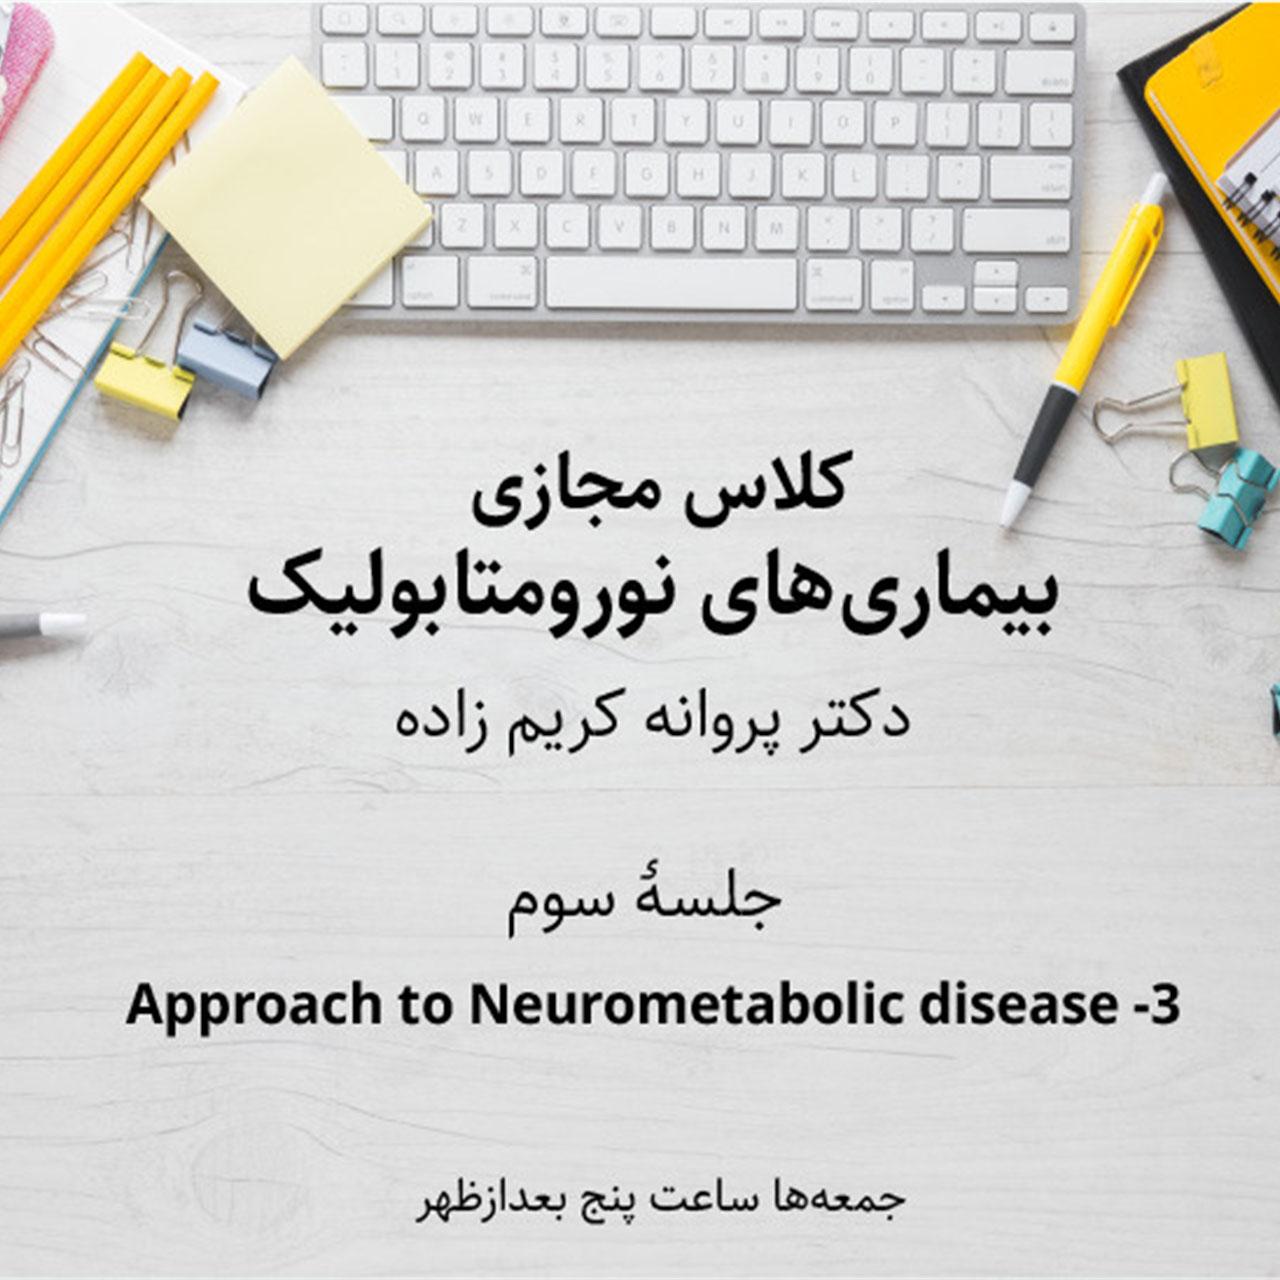 بیماریهای نورومتابولیک - جلسه سوم